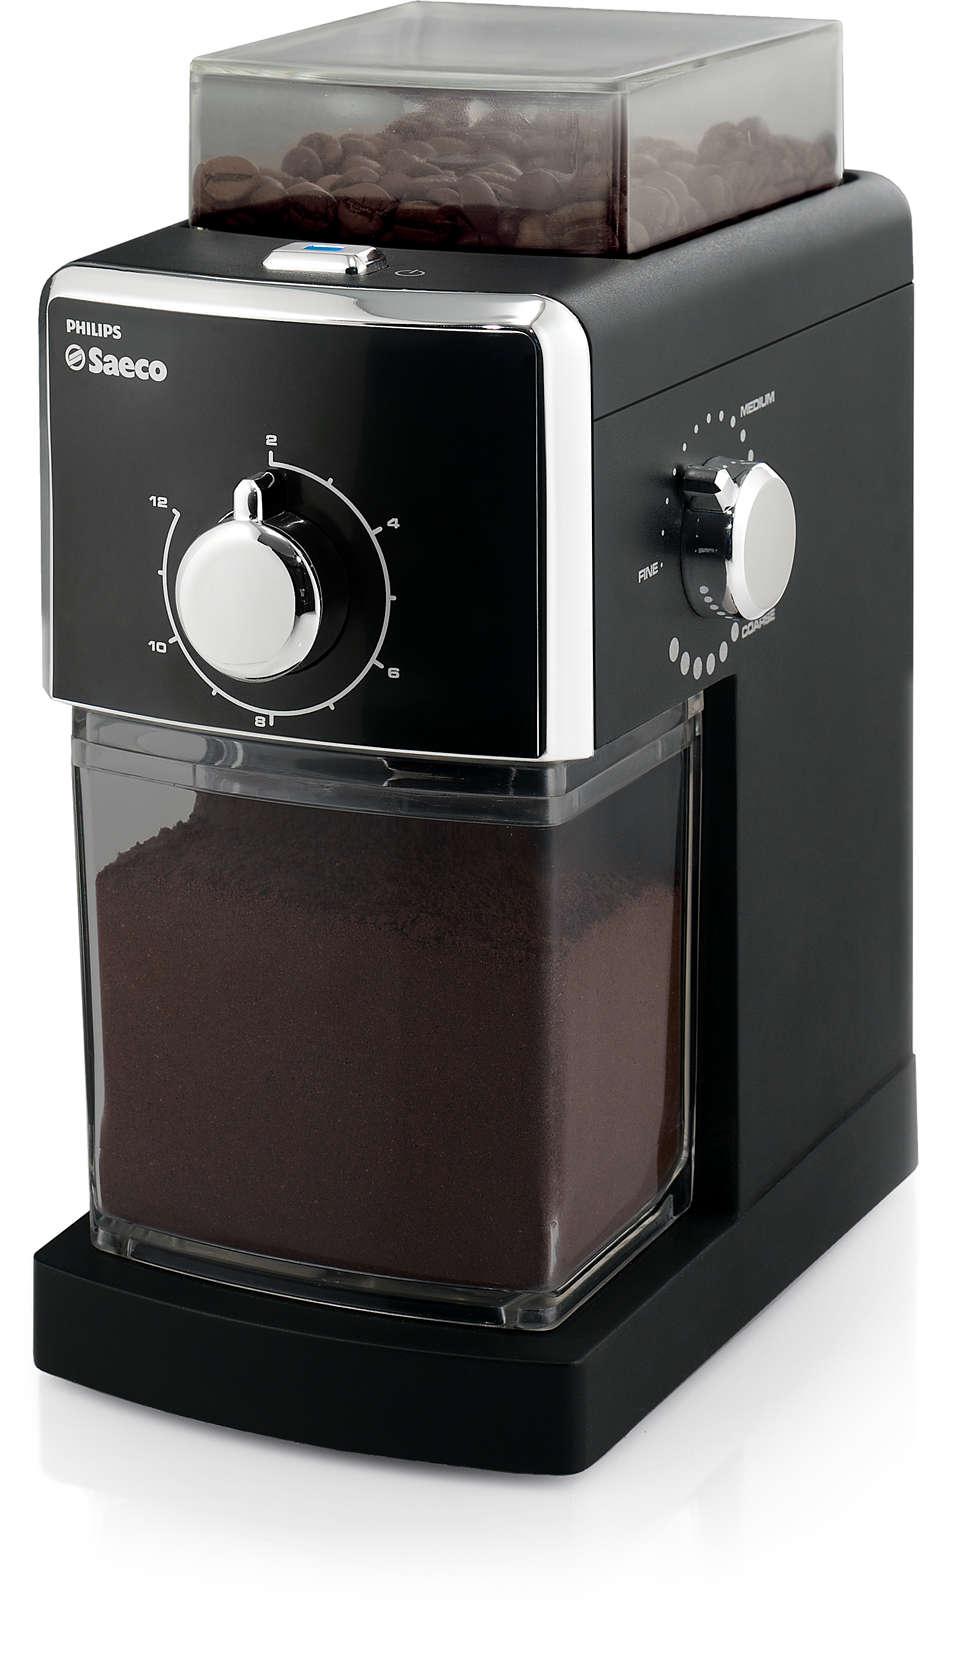 Grille pour couvrir le plateau égouttoir de la machine à espresso